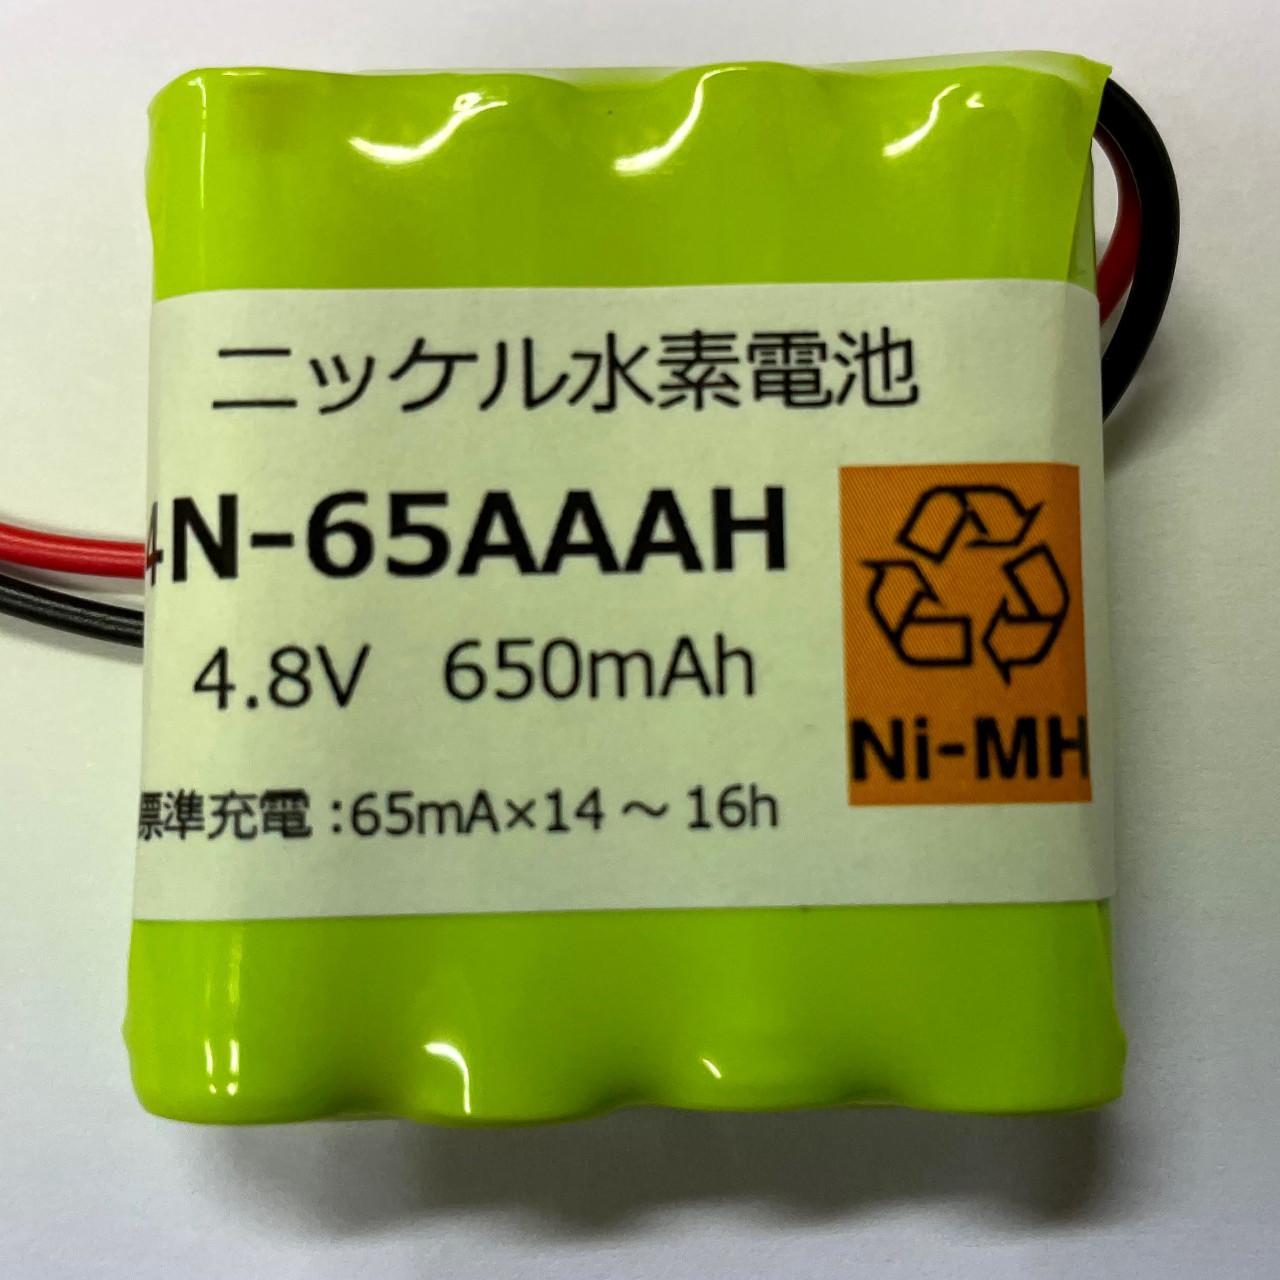 4N-65AAAH.jpg